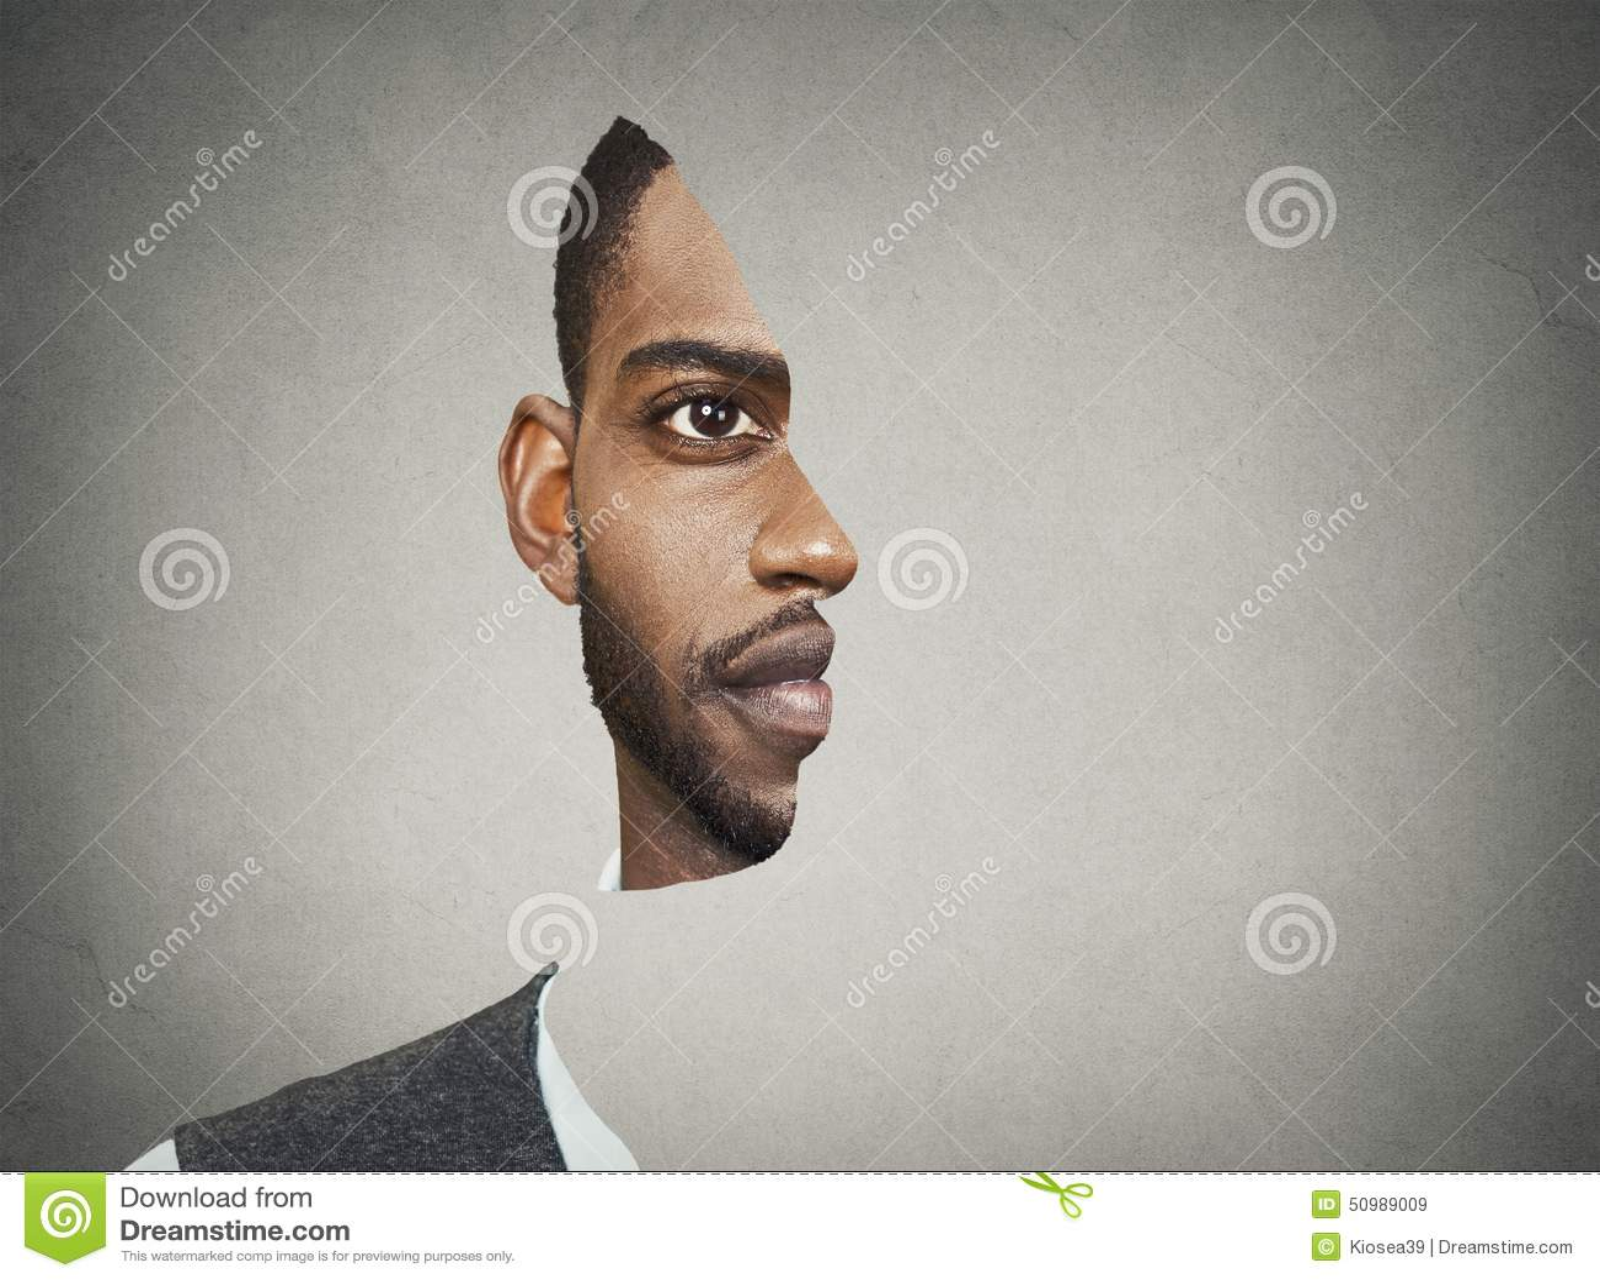 Οπτικό μέτωπο πορτρέτου παραίσθησης με το αποκόπτω σχεδιάγραμμα ενός ατόμου